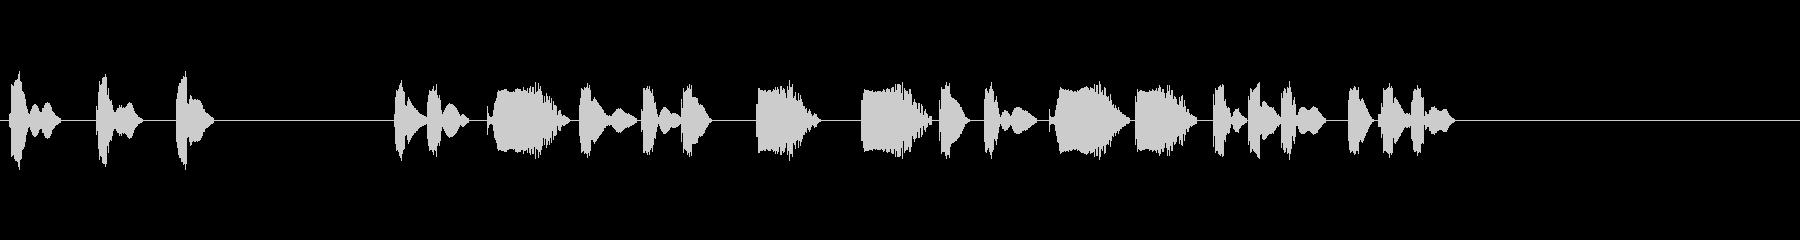 レーザーブラスト、ヘビーの未再生の波形